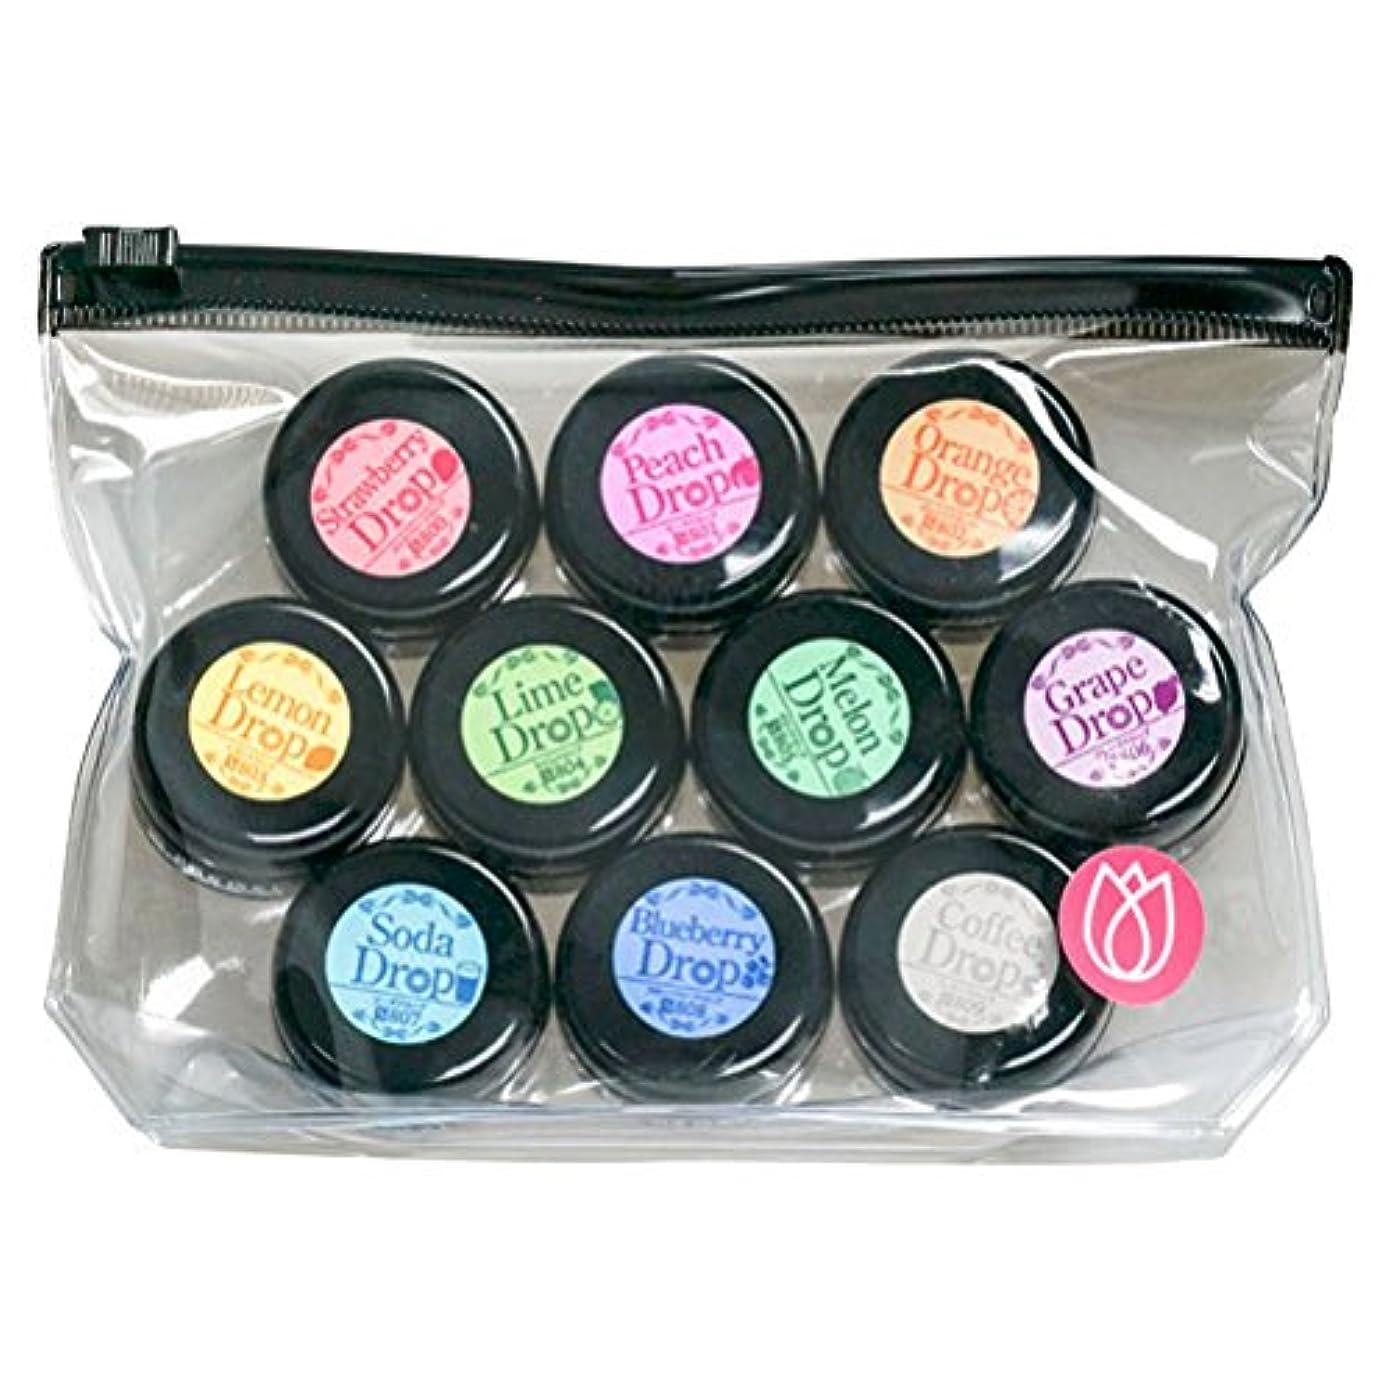 カラス砂利促すプリジェル ジェルネイル スーパーカラーEXドロップシリーズ10色セット UV/LED対応 3g×10色